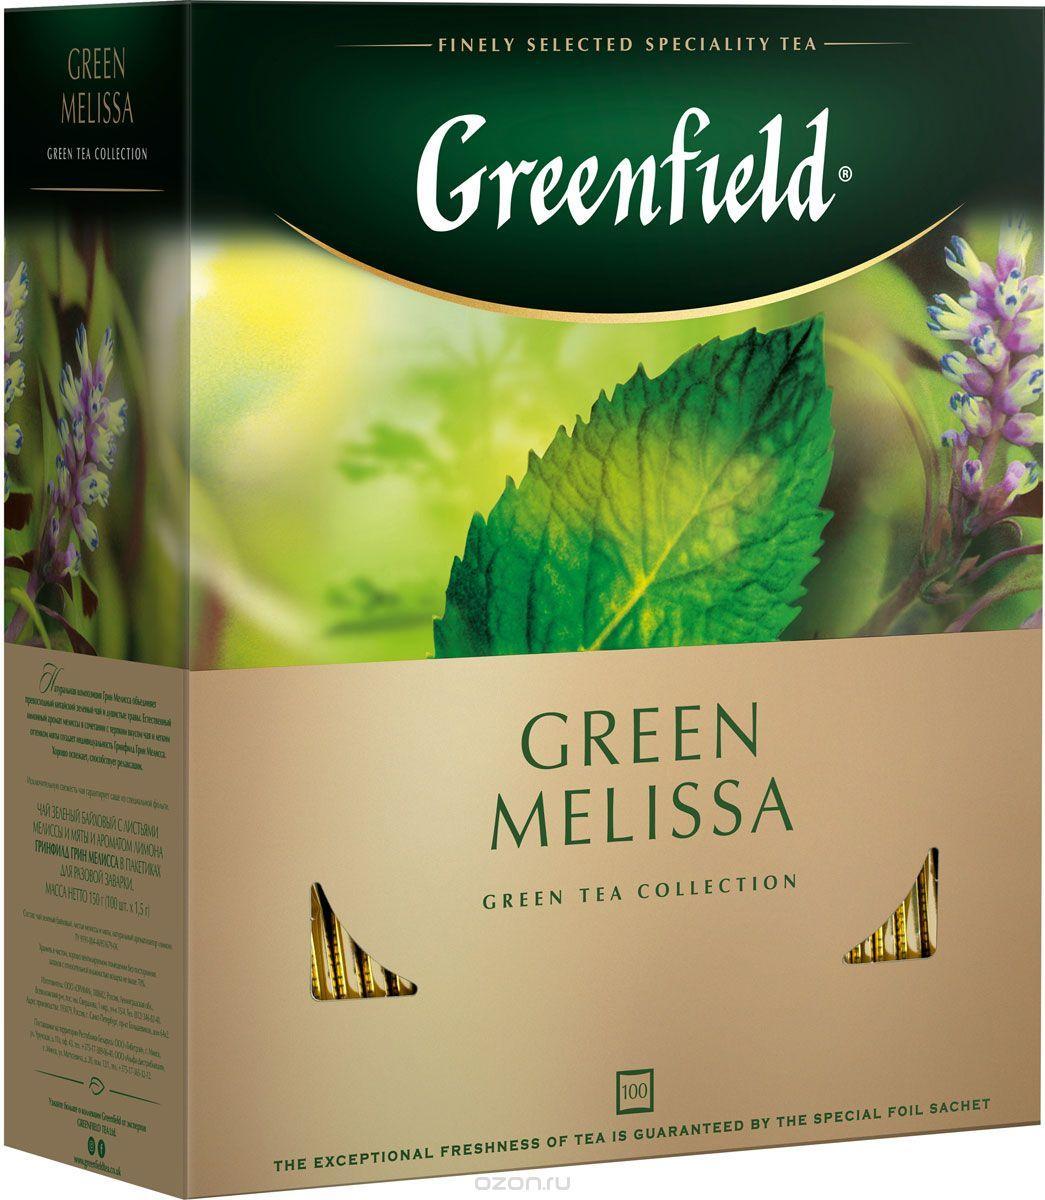 Чай Greenfield зелений Green melisa 1.5 g x 100 шт х 10 шт в уп